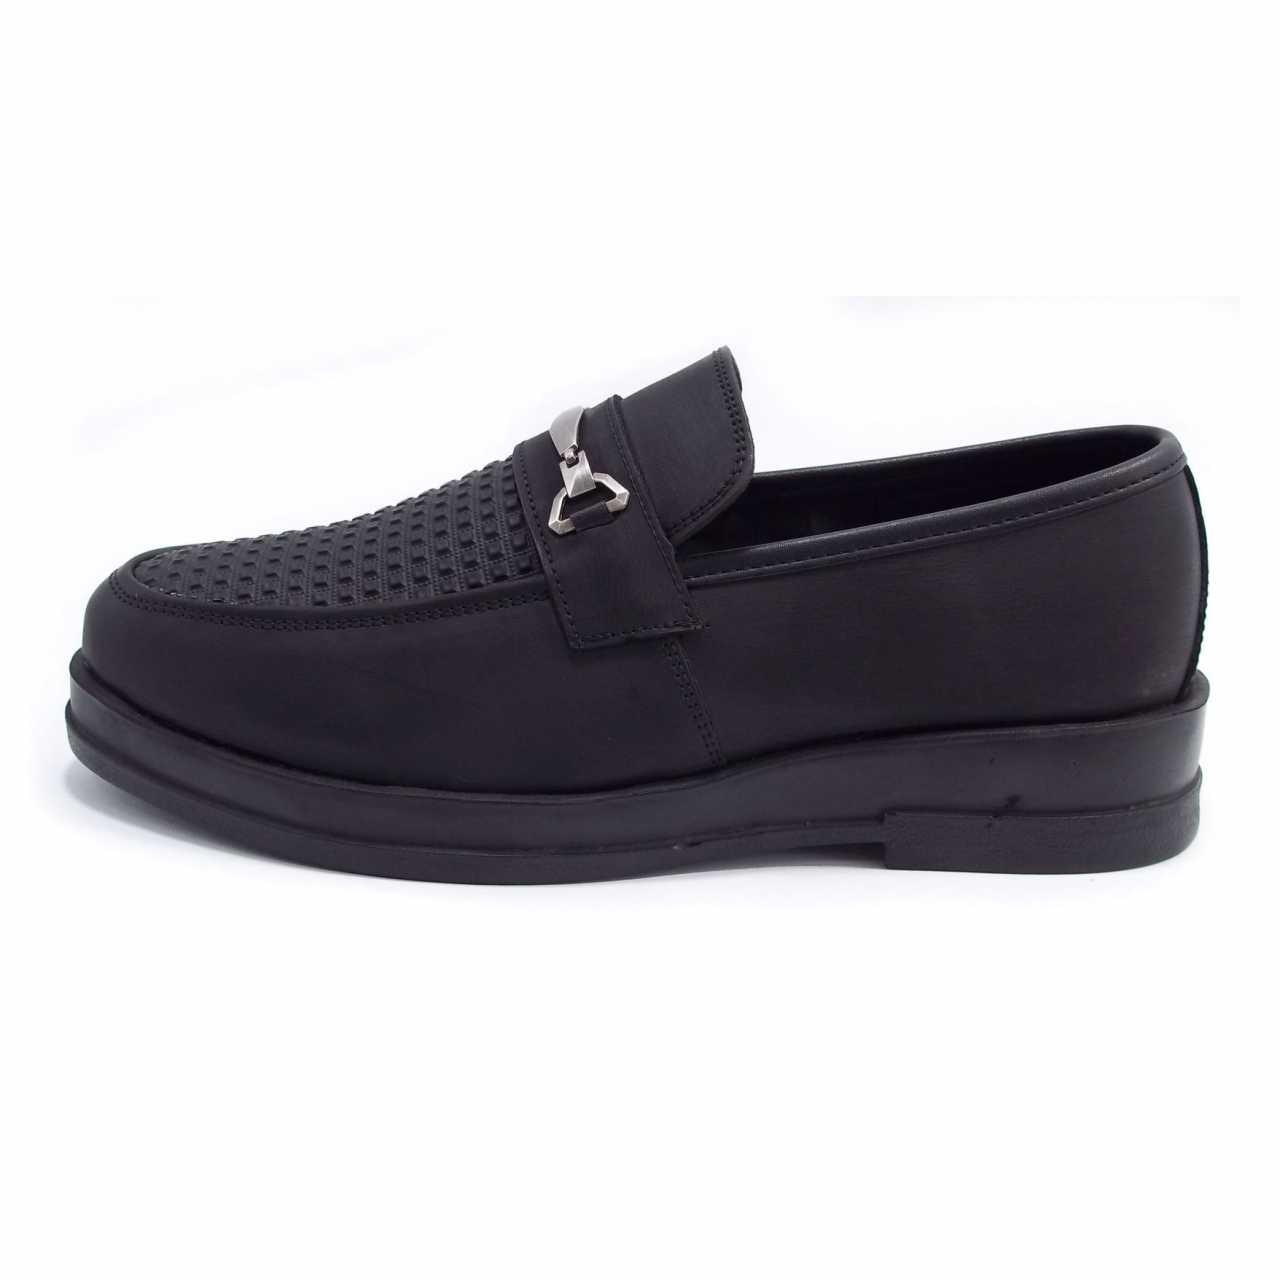 کفش کالج مدل فرمال پانچی مشکی